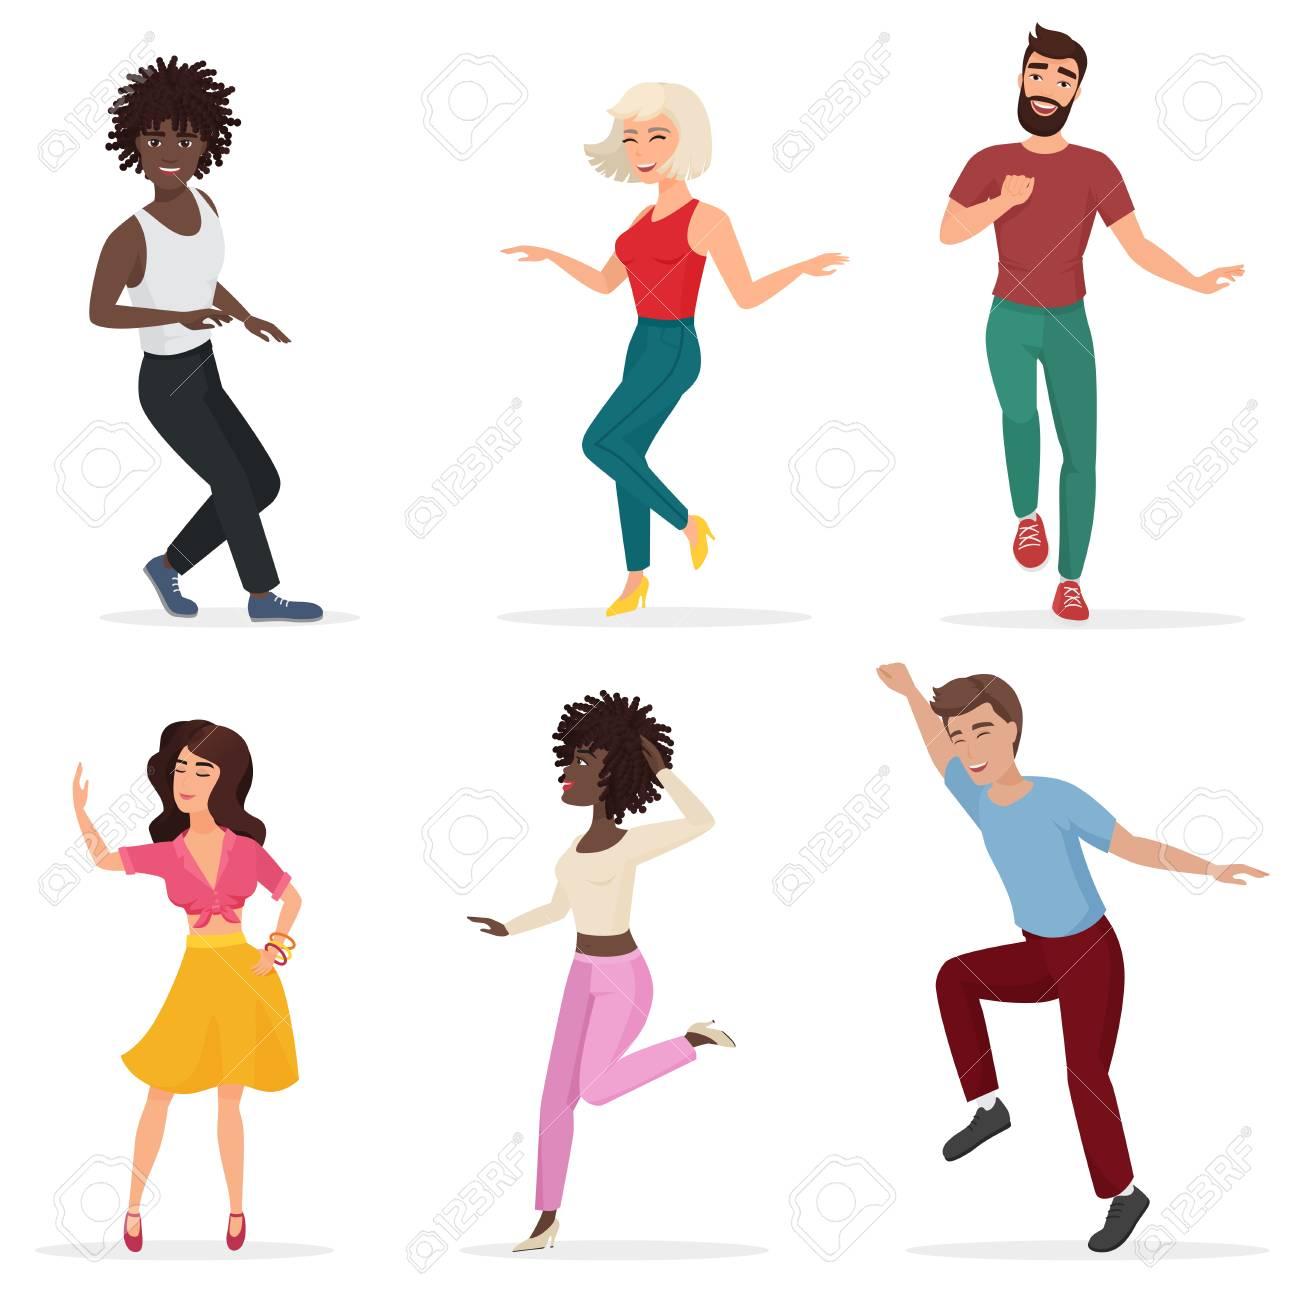 Bailando Gente Joven Happy Multi Ethic Hombres Y Mujeres Se Mueven